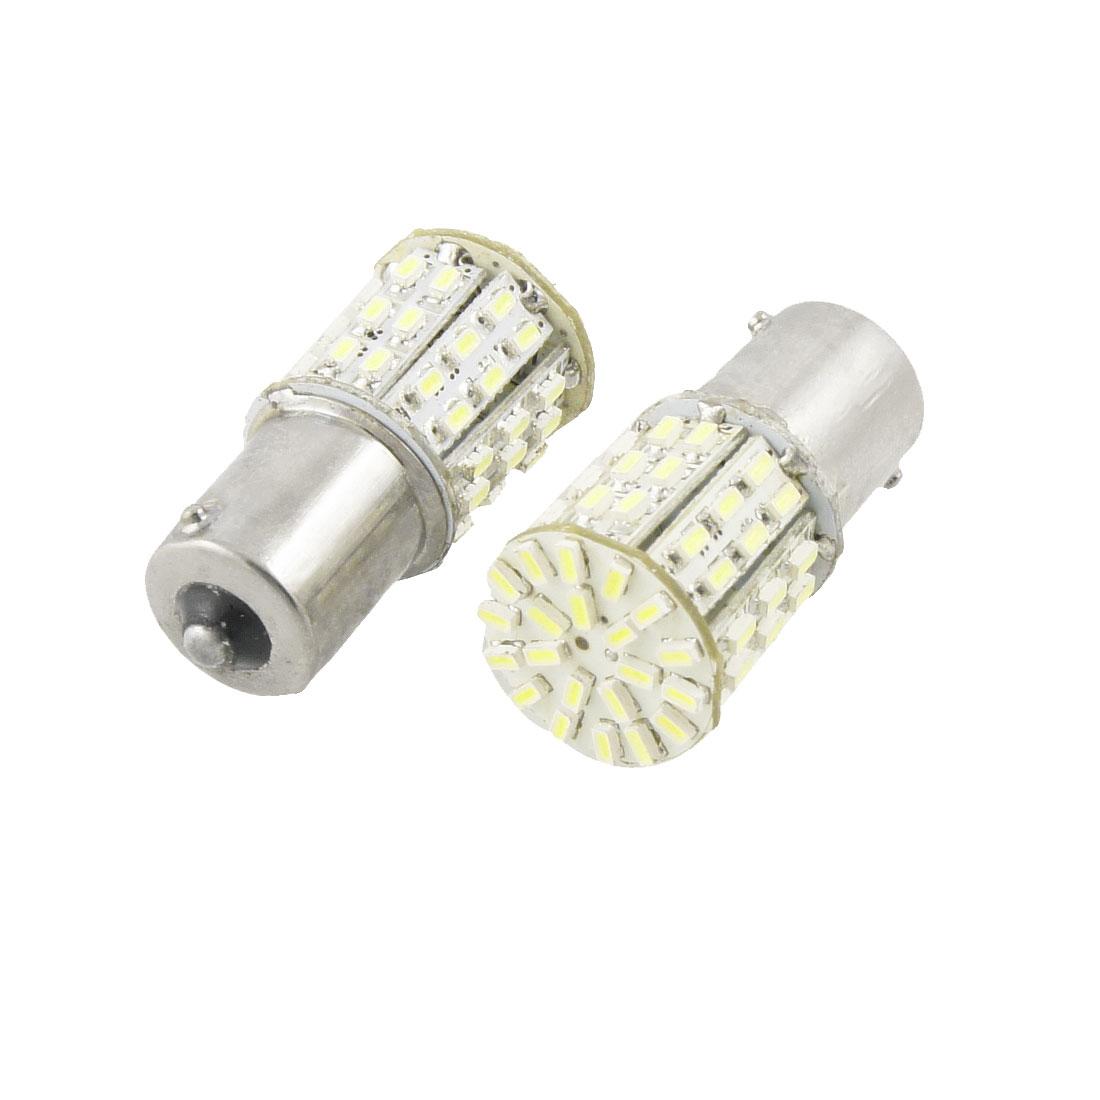 2 Pcs 1156 63 White LED 1210 SMD Car Tail Packing Brake Light Bulb